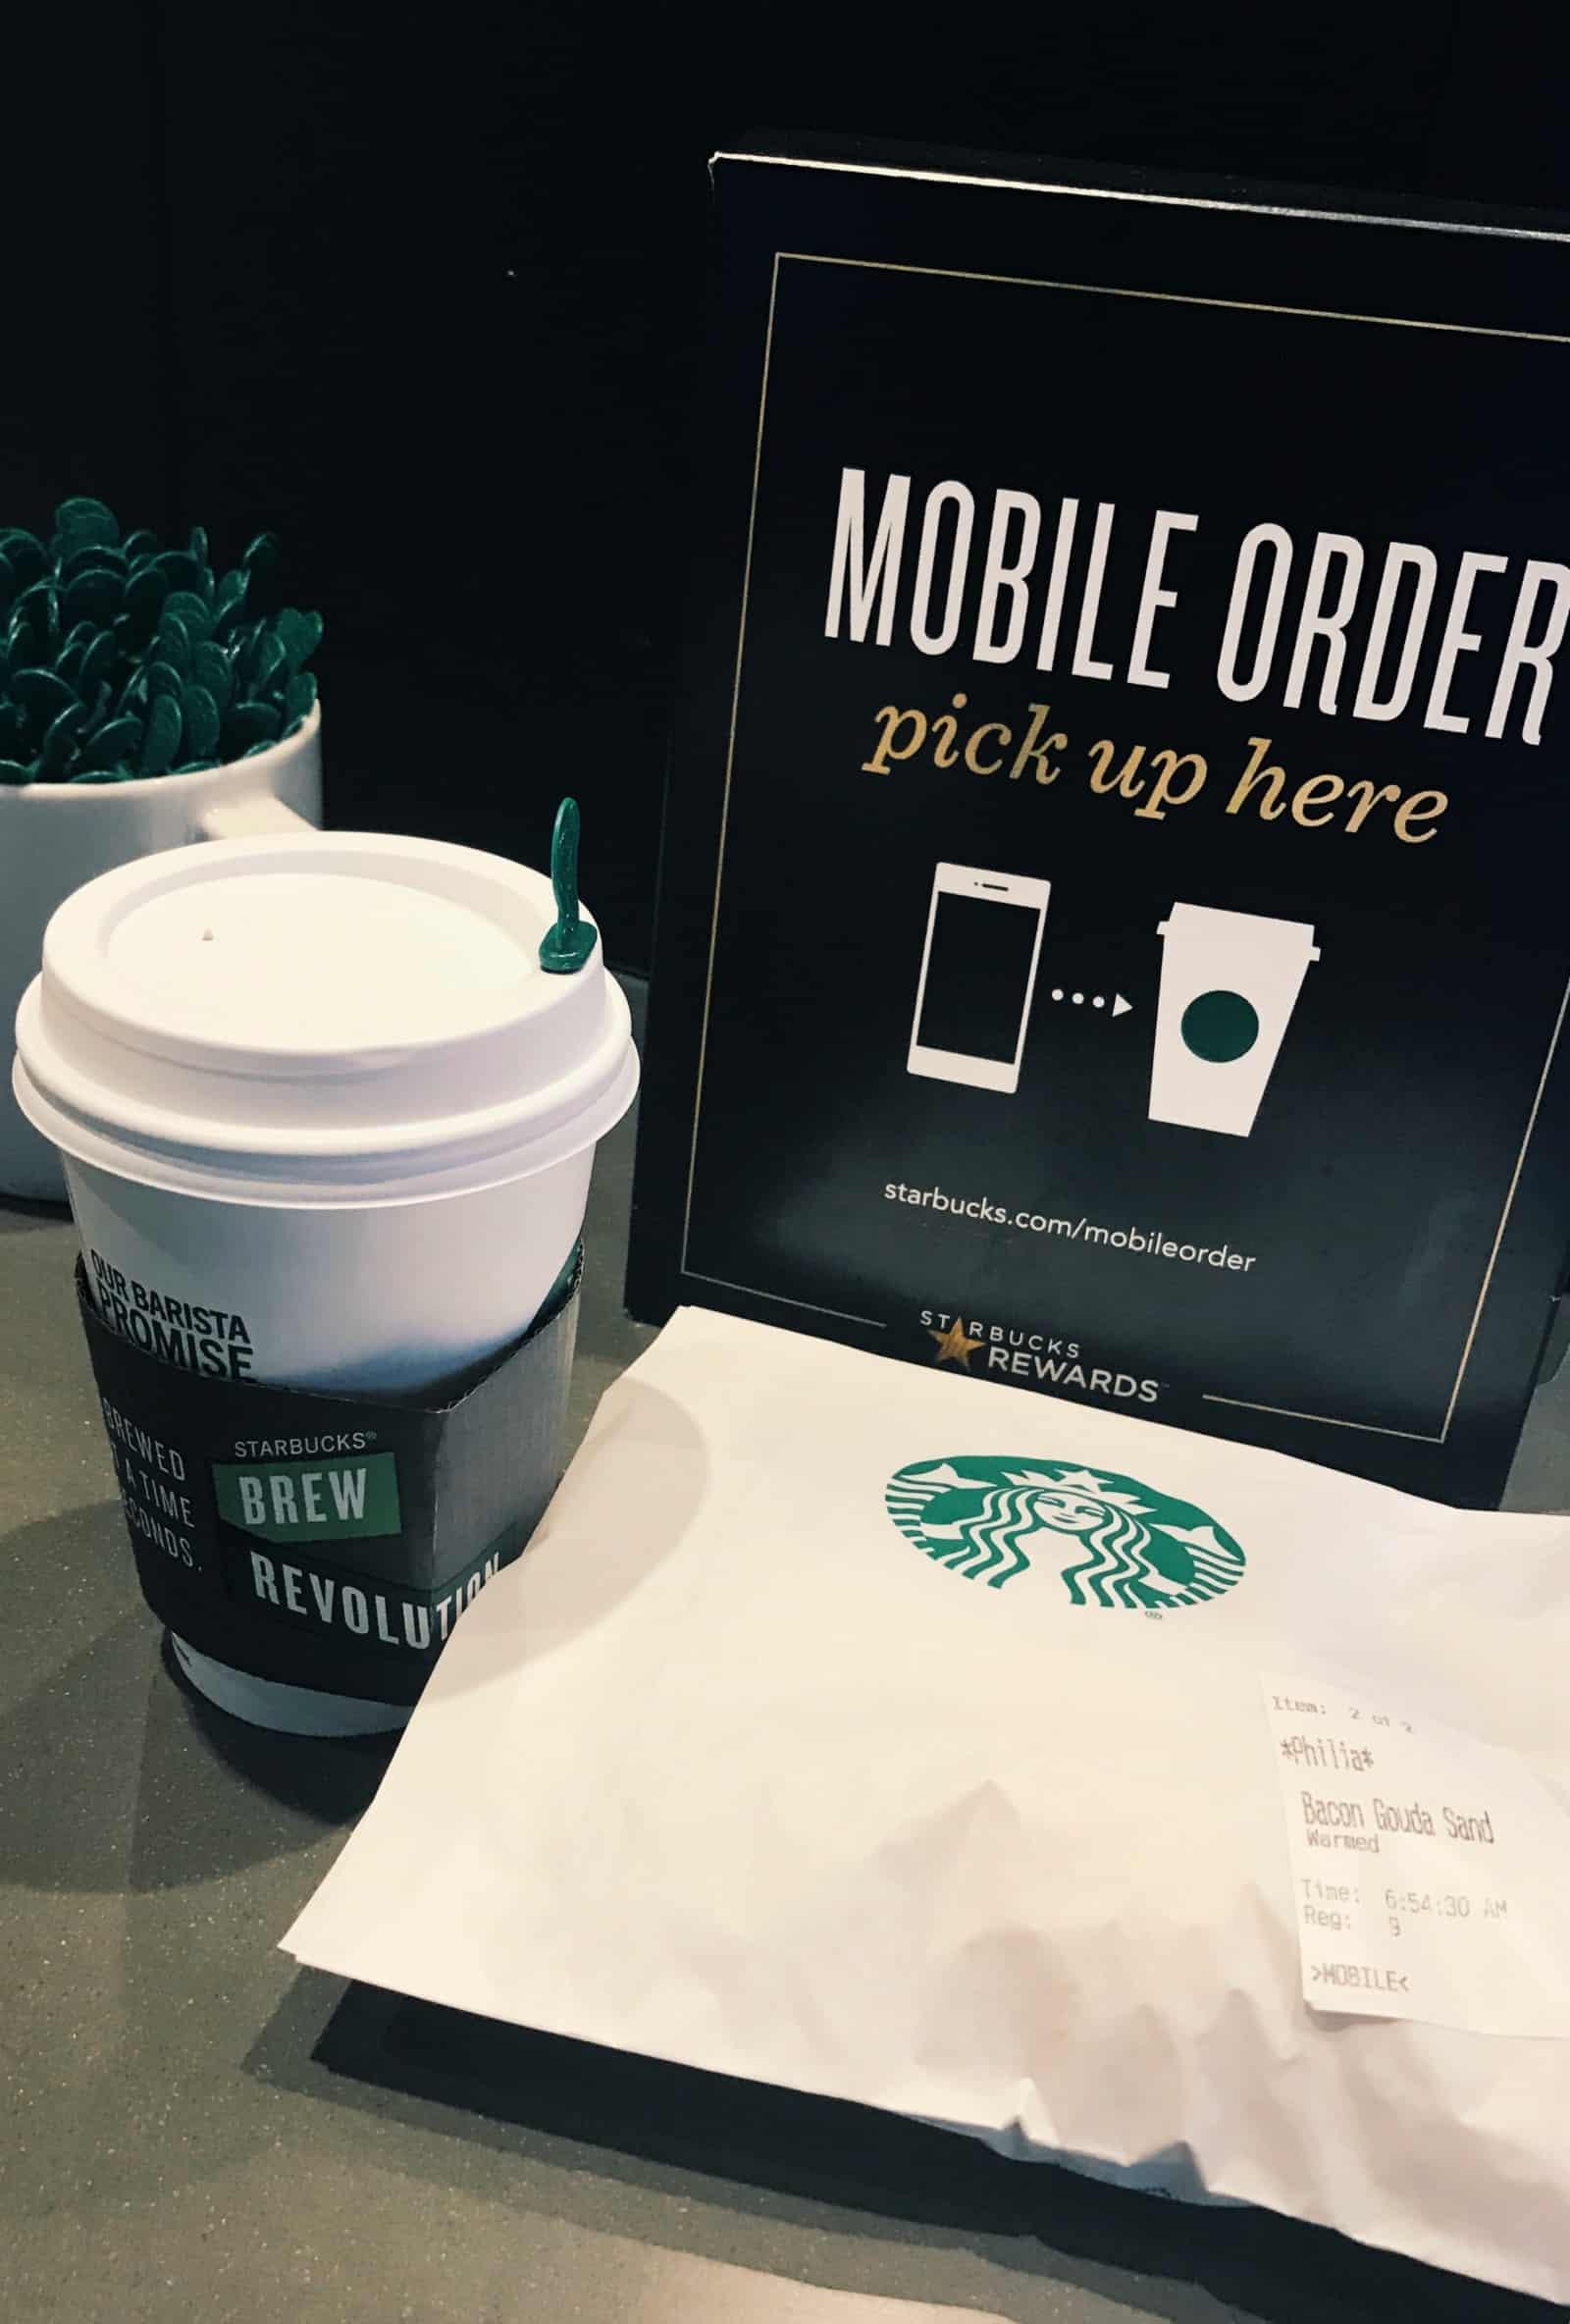 Starbucks mobile order pick up